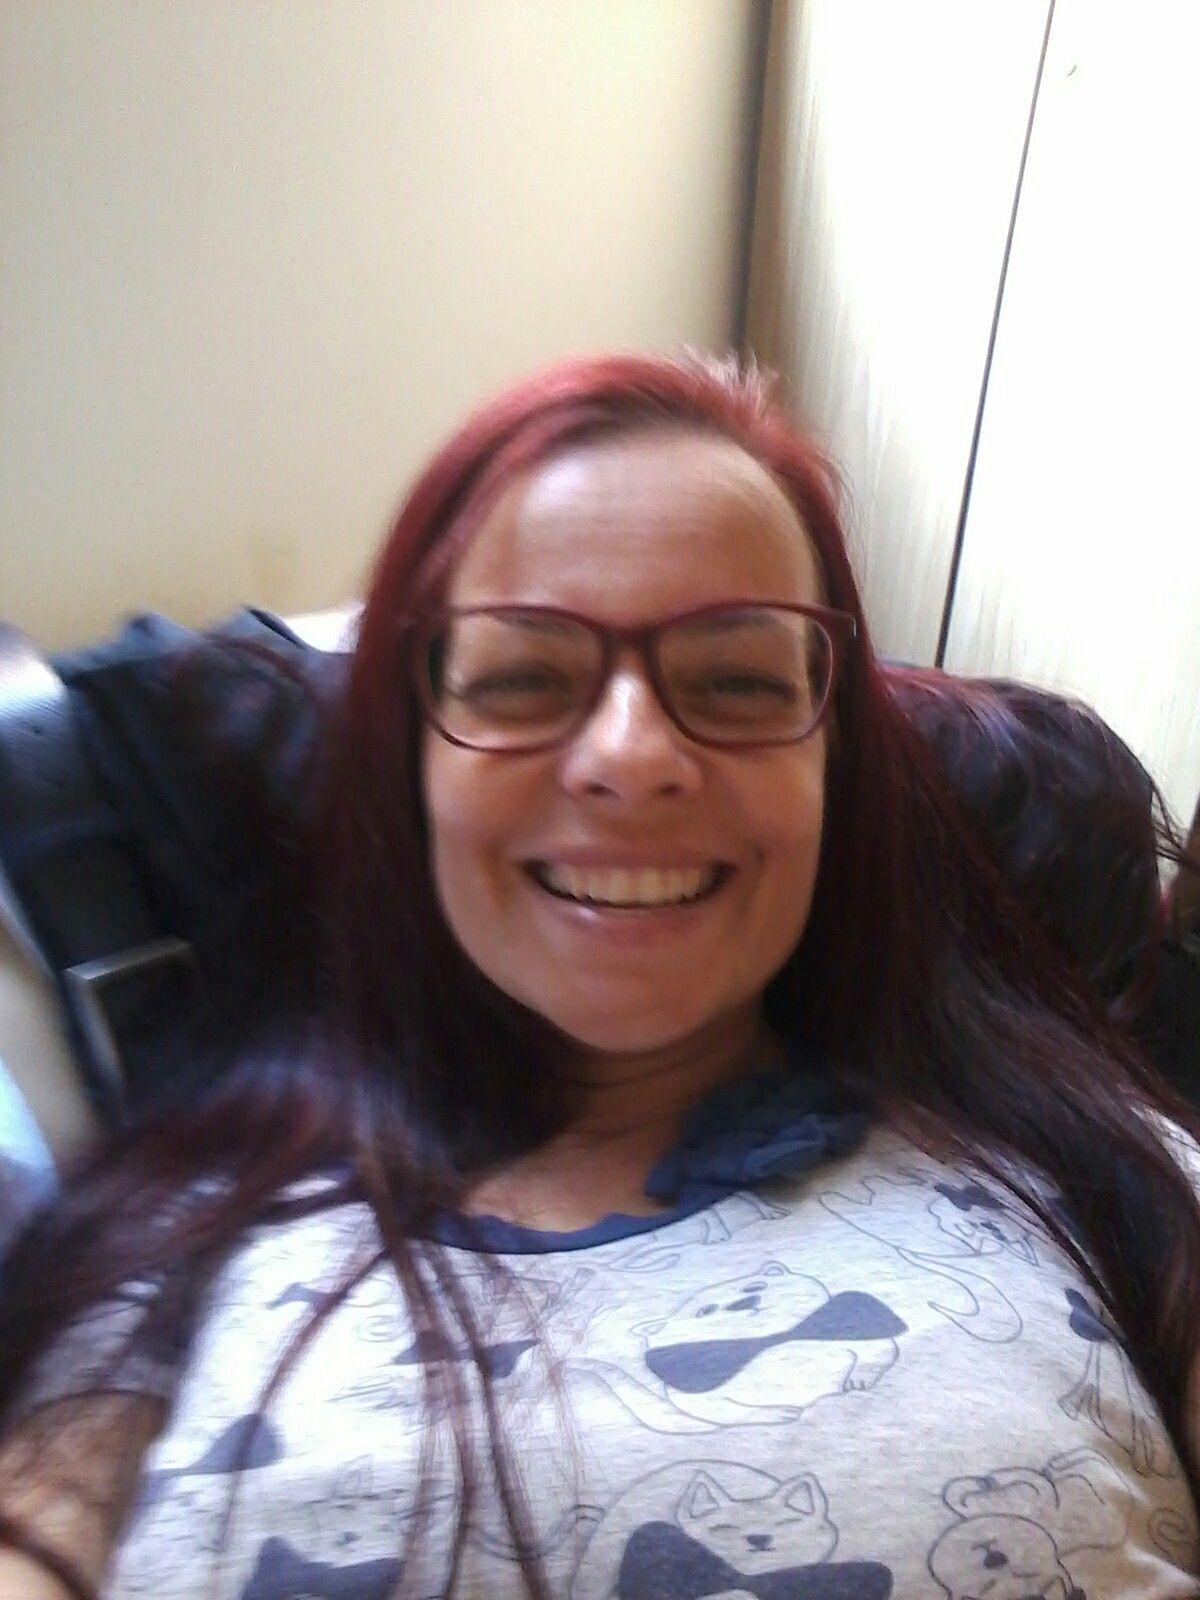 ebdb1baa7 Eu e meus novos óculos   Roberta sou eu!!